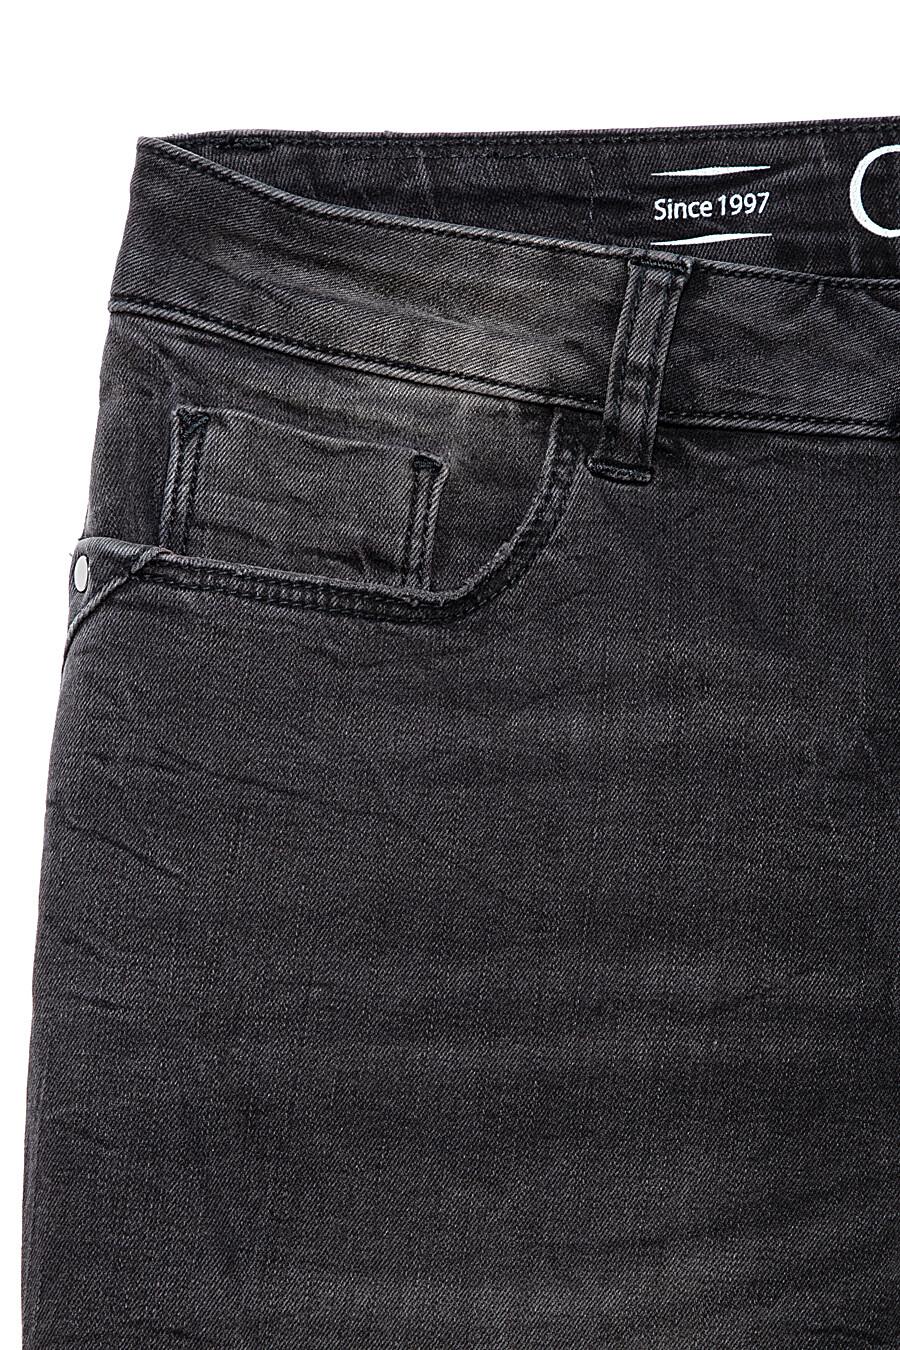 Джинсы для женщин CONTE ELEGANT 148327 купить оптом от производителя. Совместная покупка женской одежды в OptMoyo